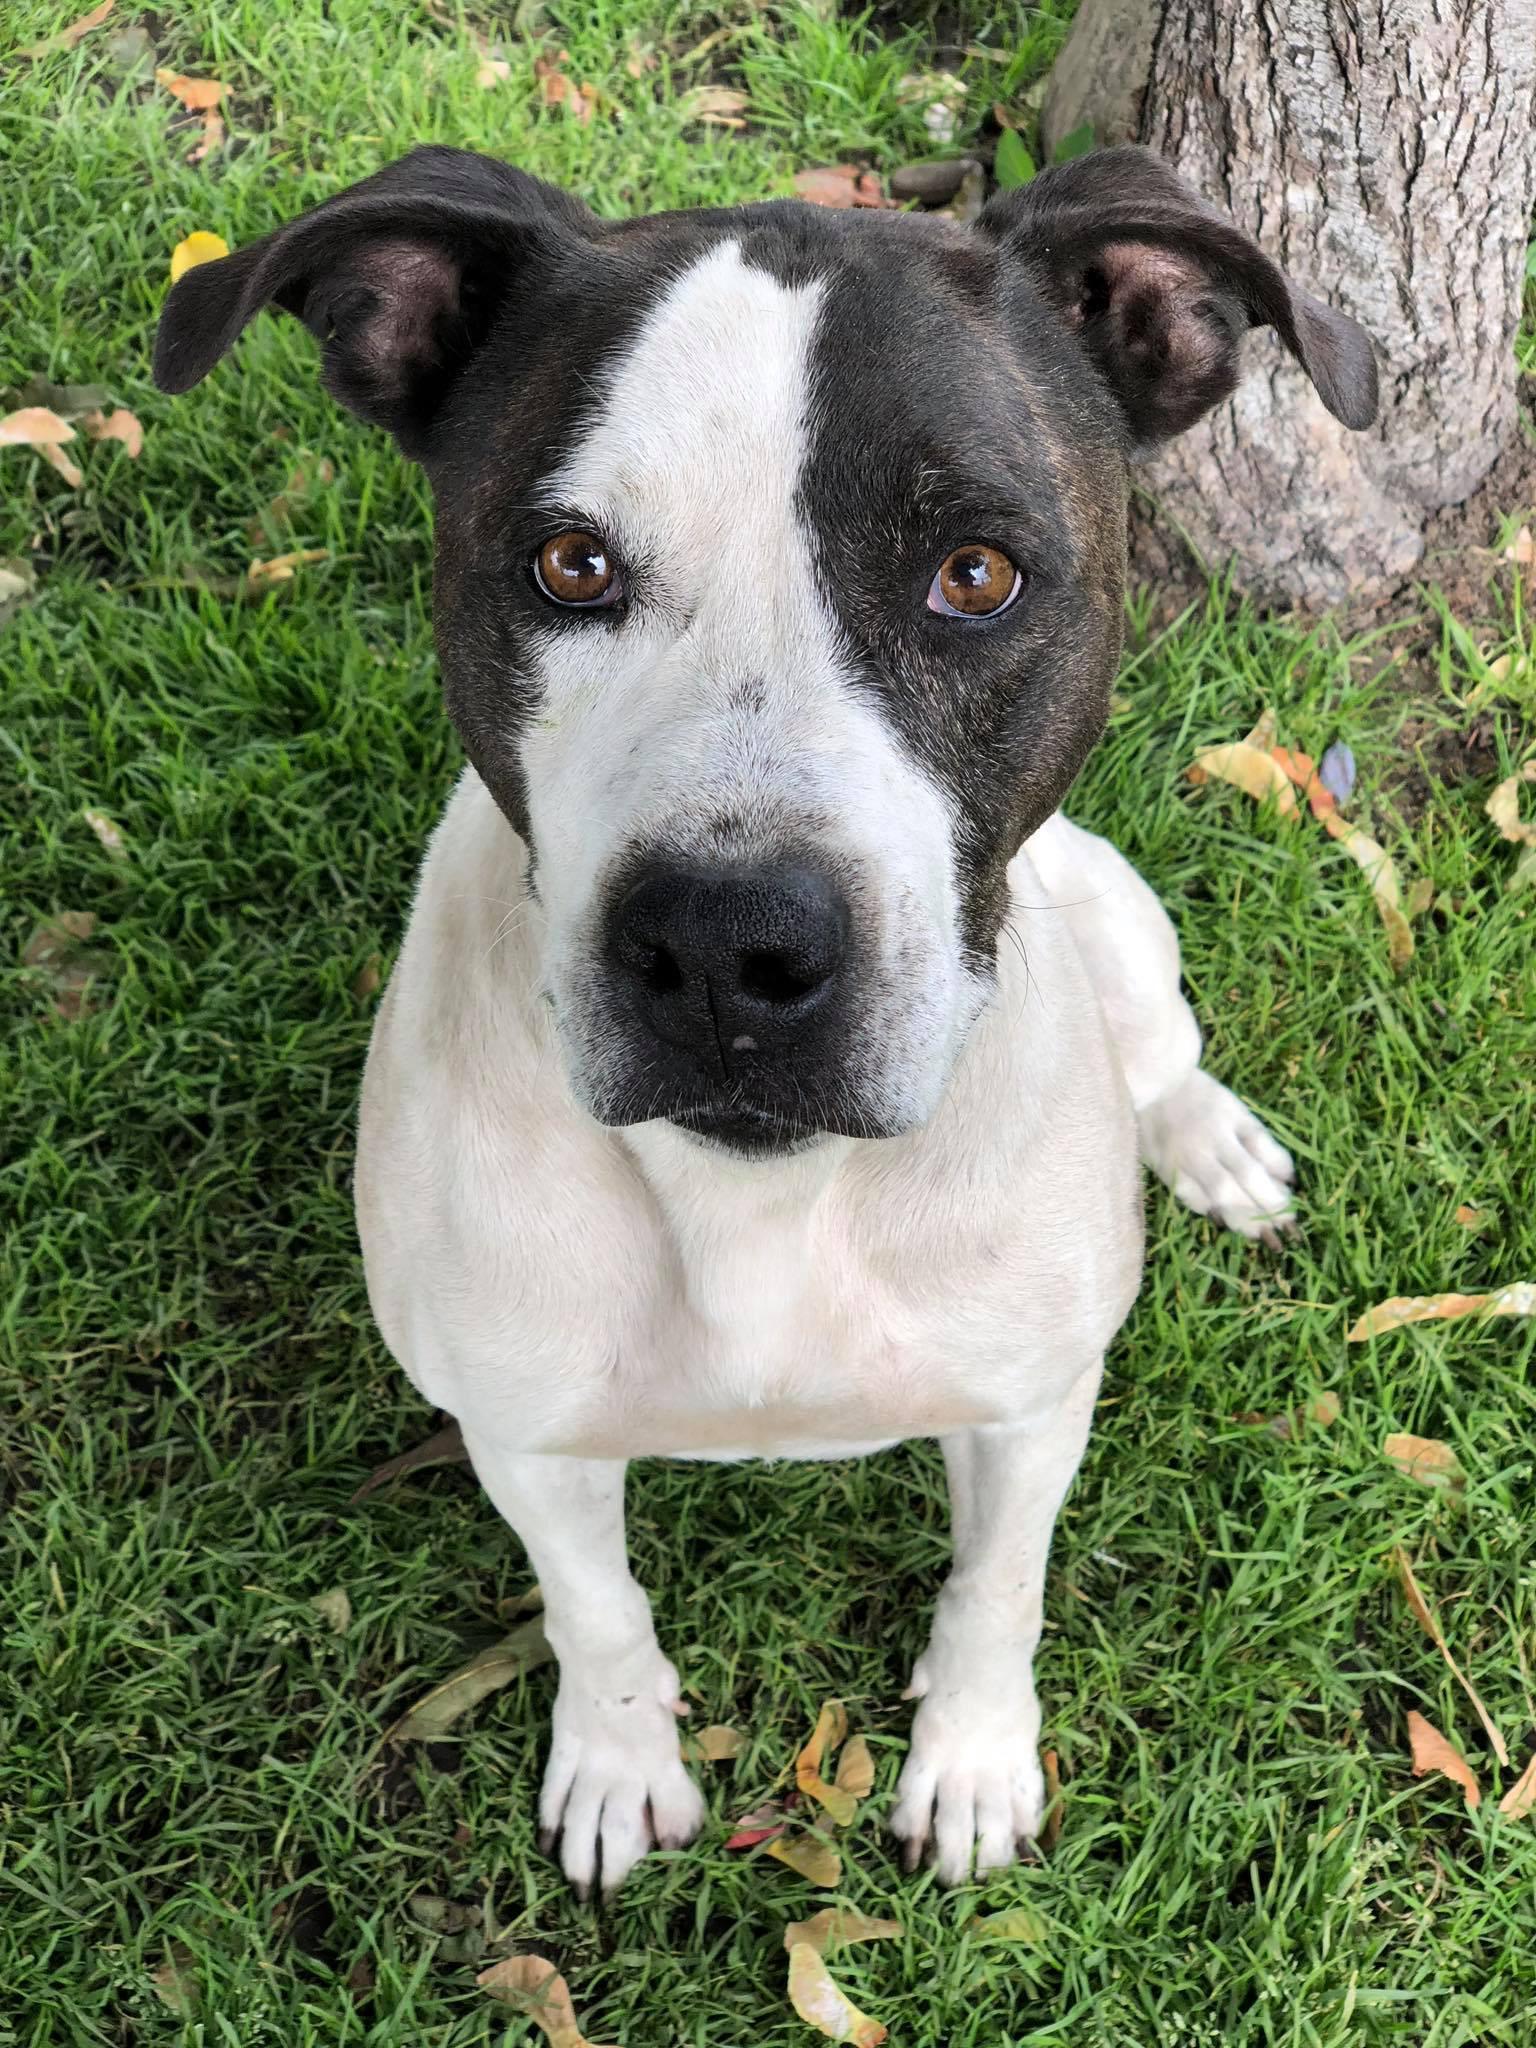 Free Pitbull Puppies Spokane Washington - Puppy And Pets